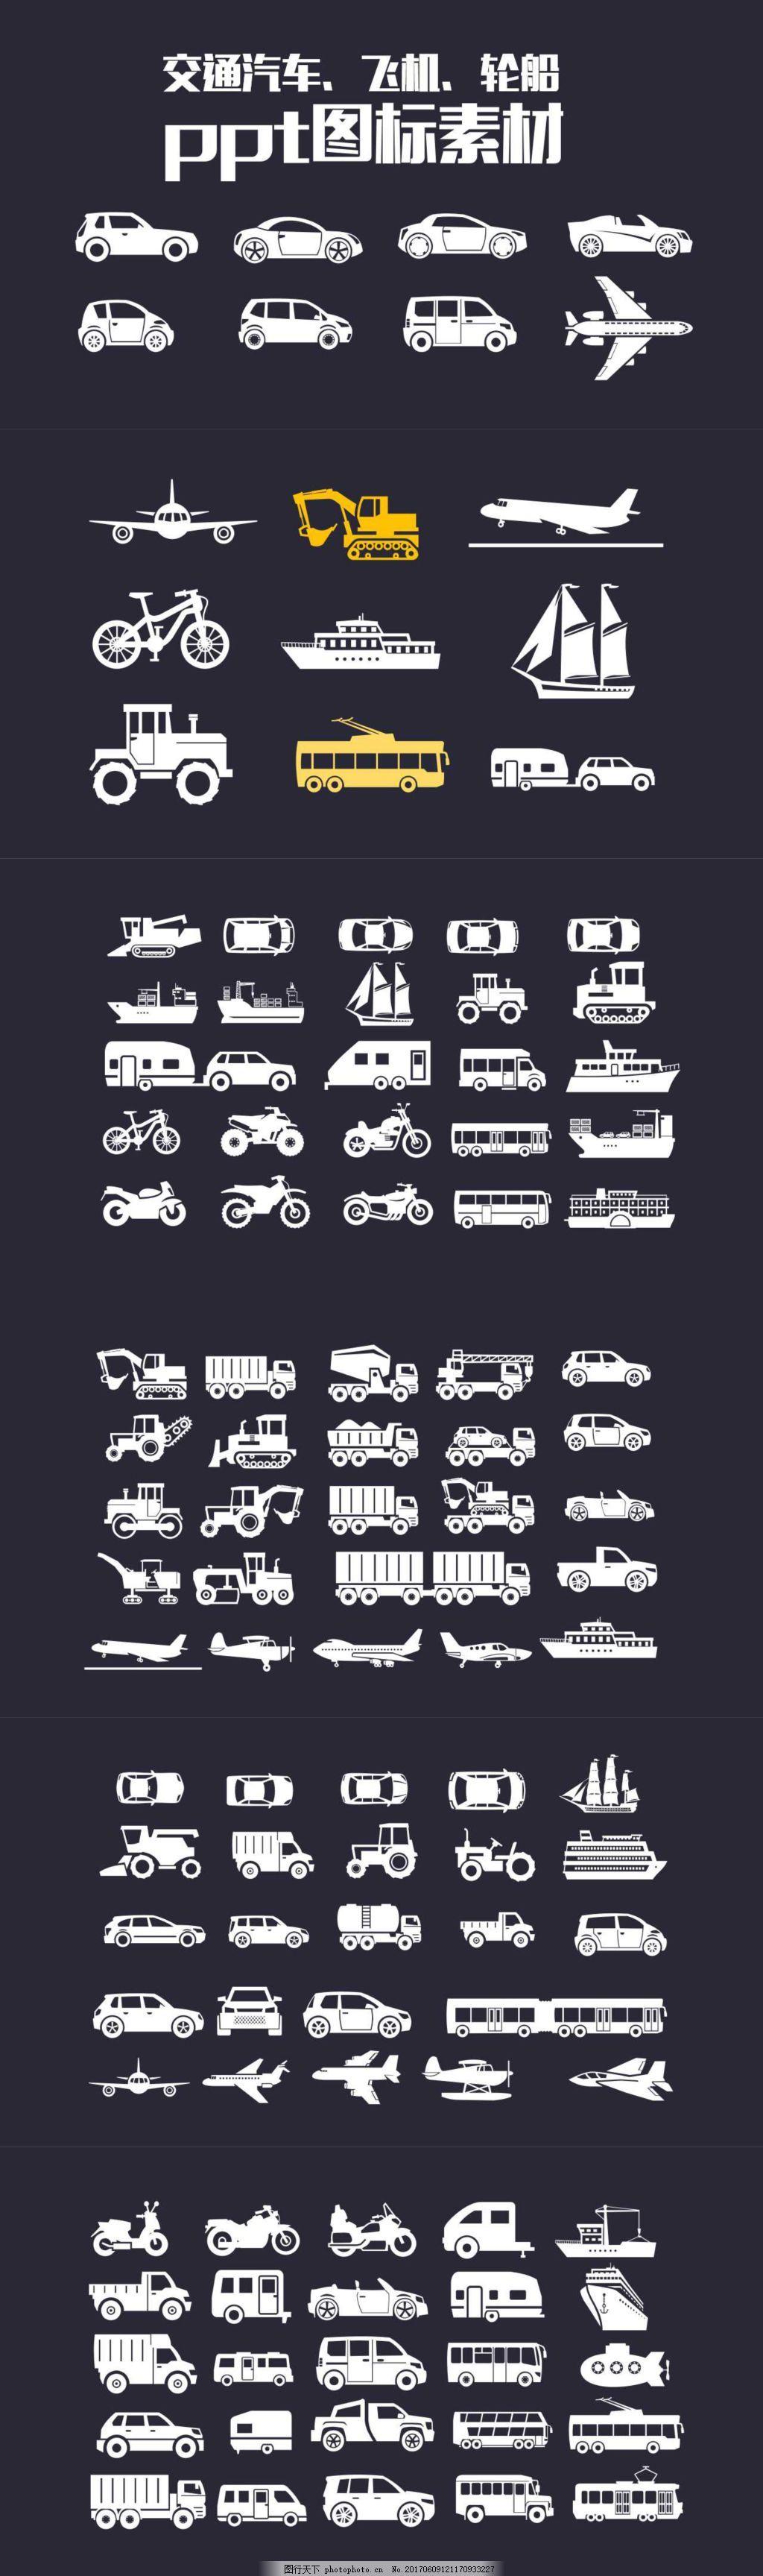 交通工具ppt图标素材 轮船素材 交通素材 飞机素材 汽车图材